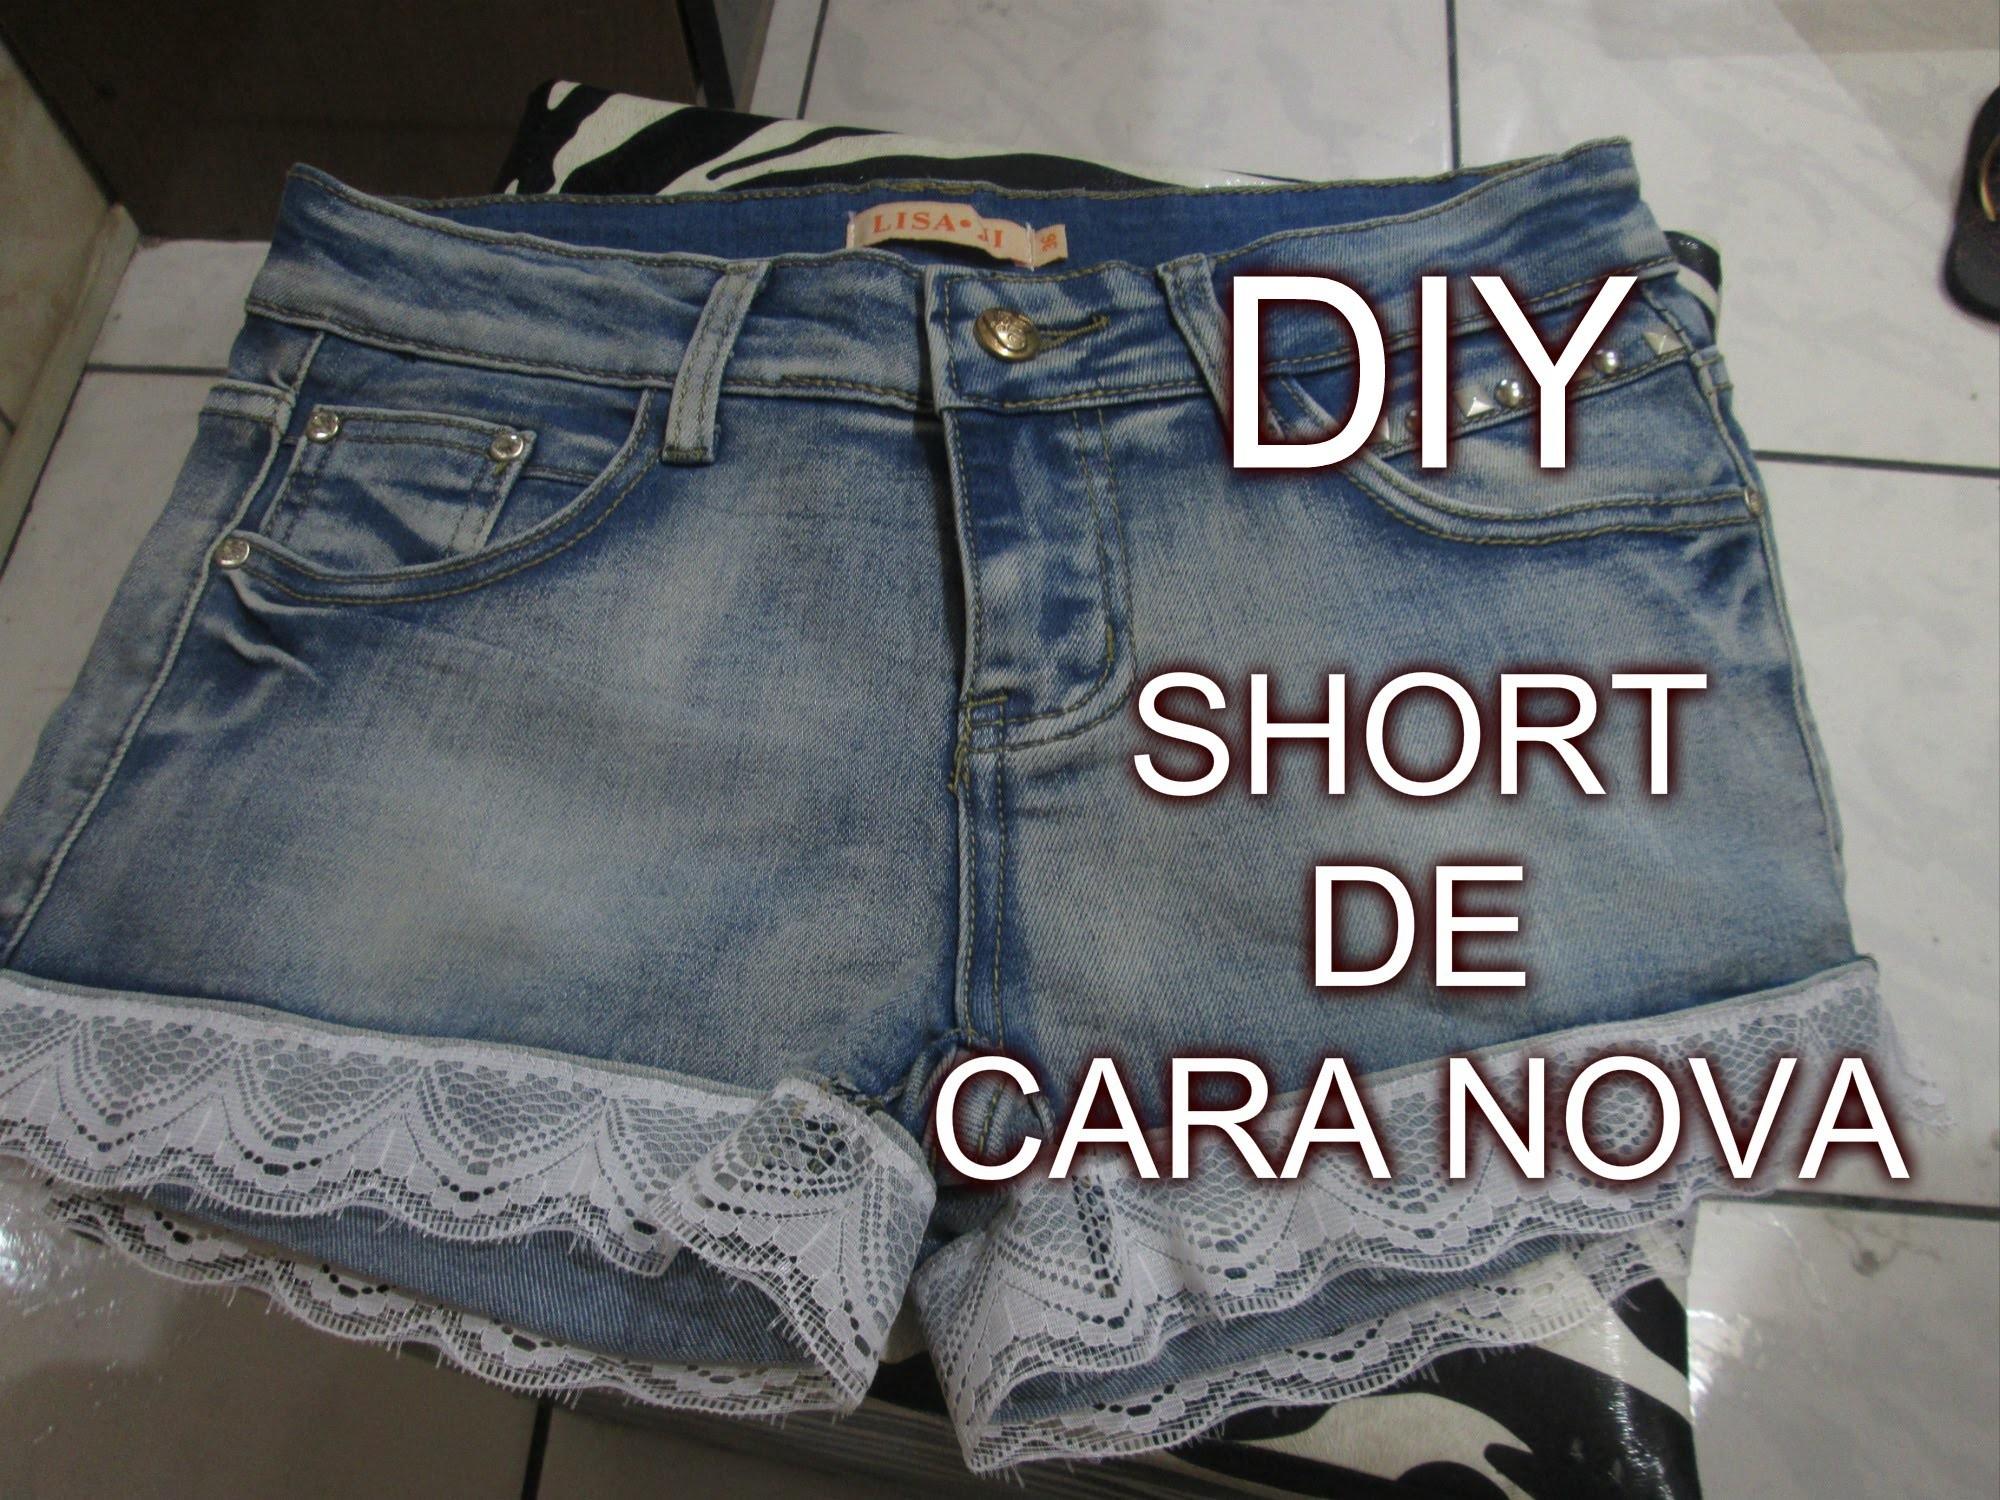 DIY -  SHORT DE CARA NOVA -  Faça você mesmo